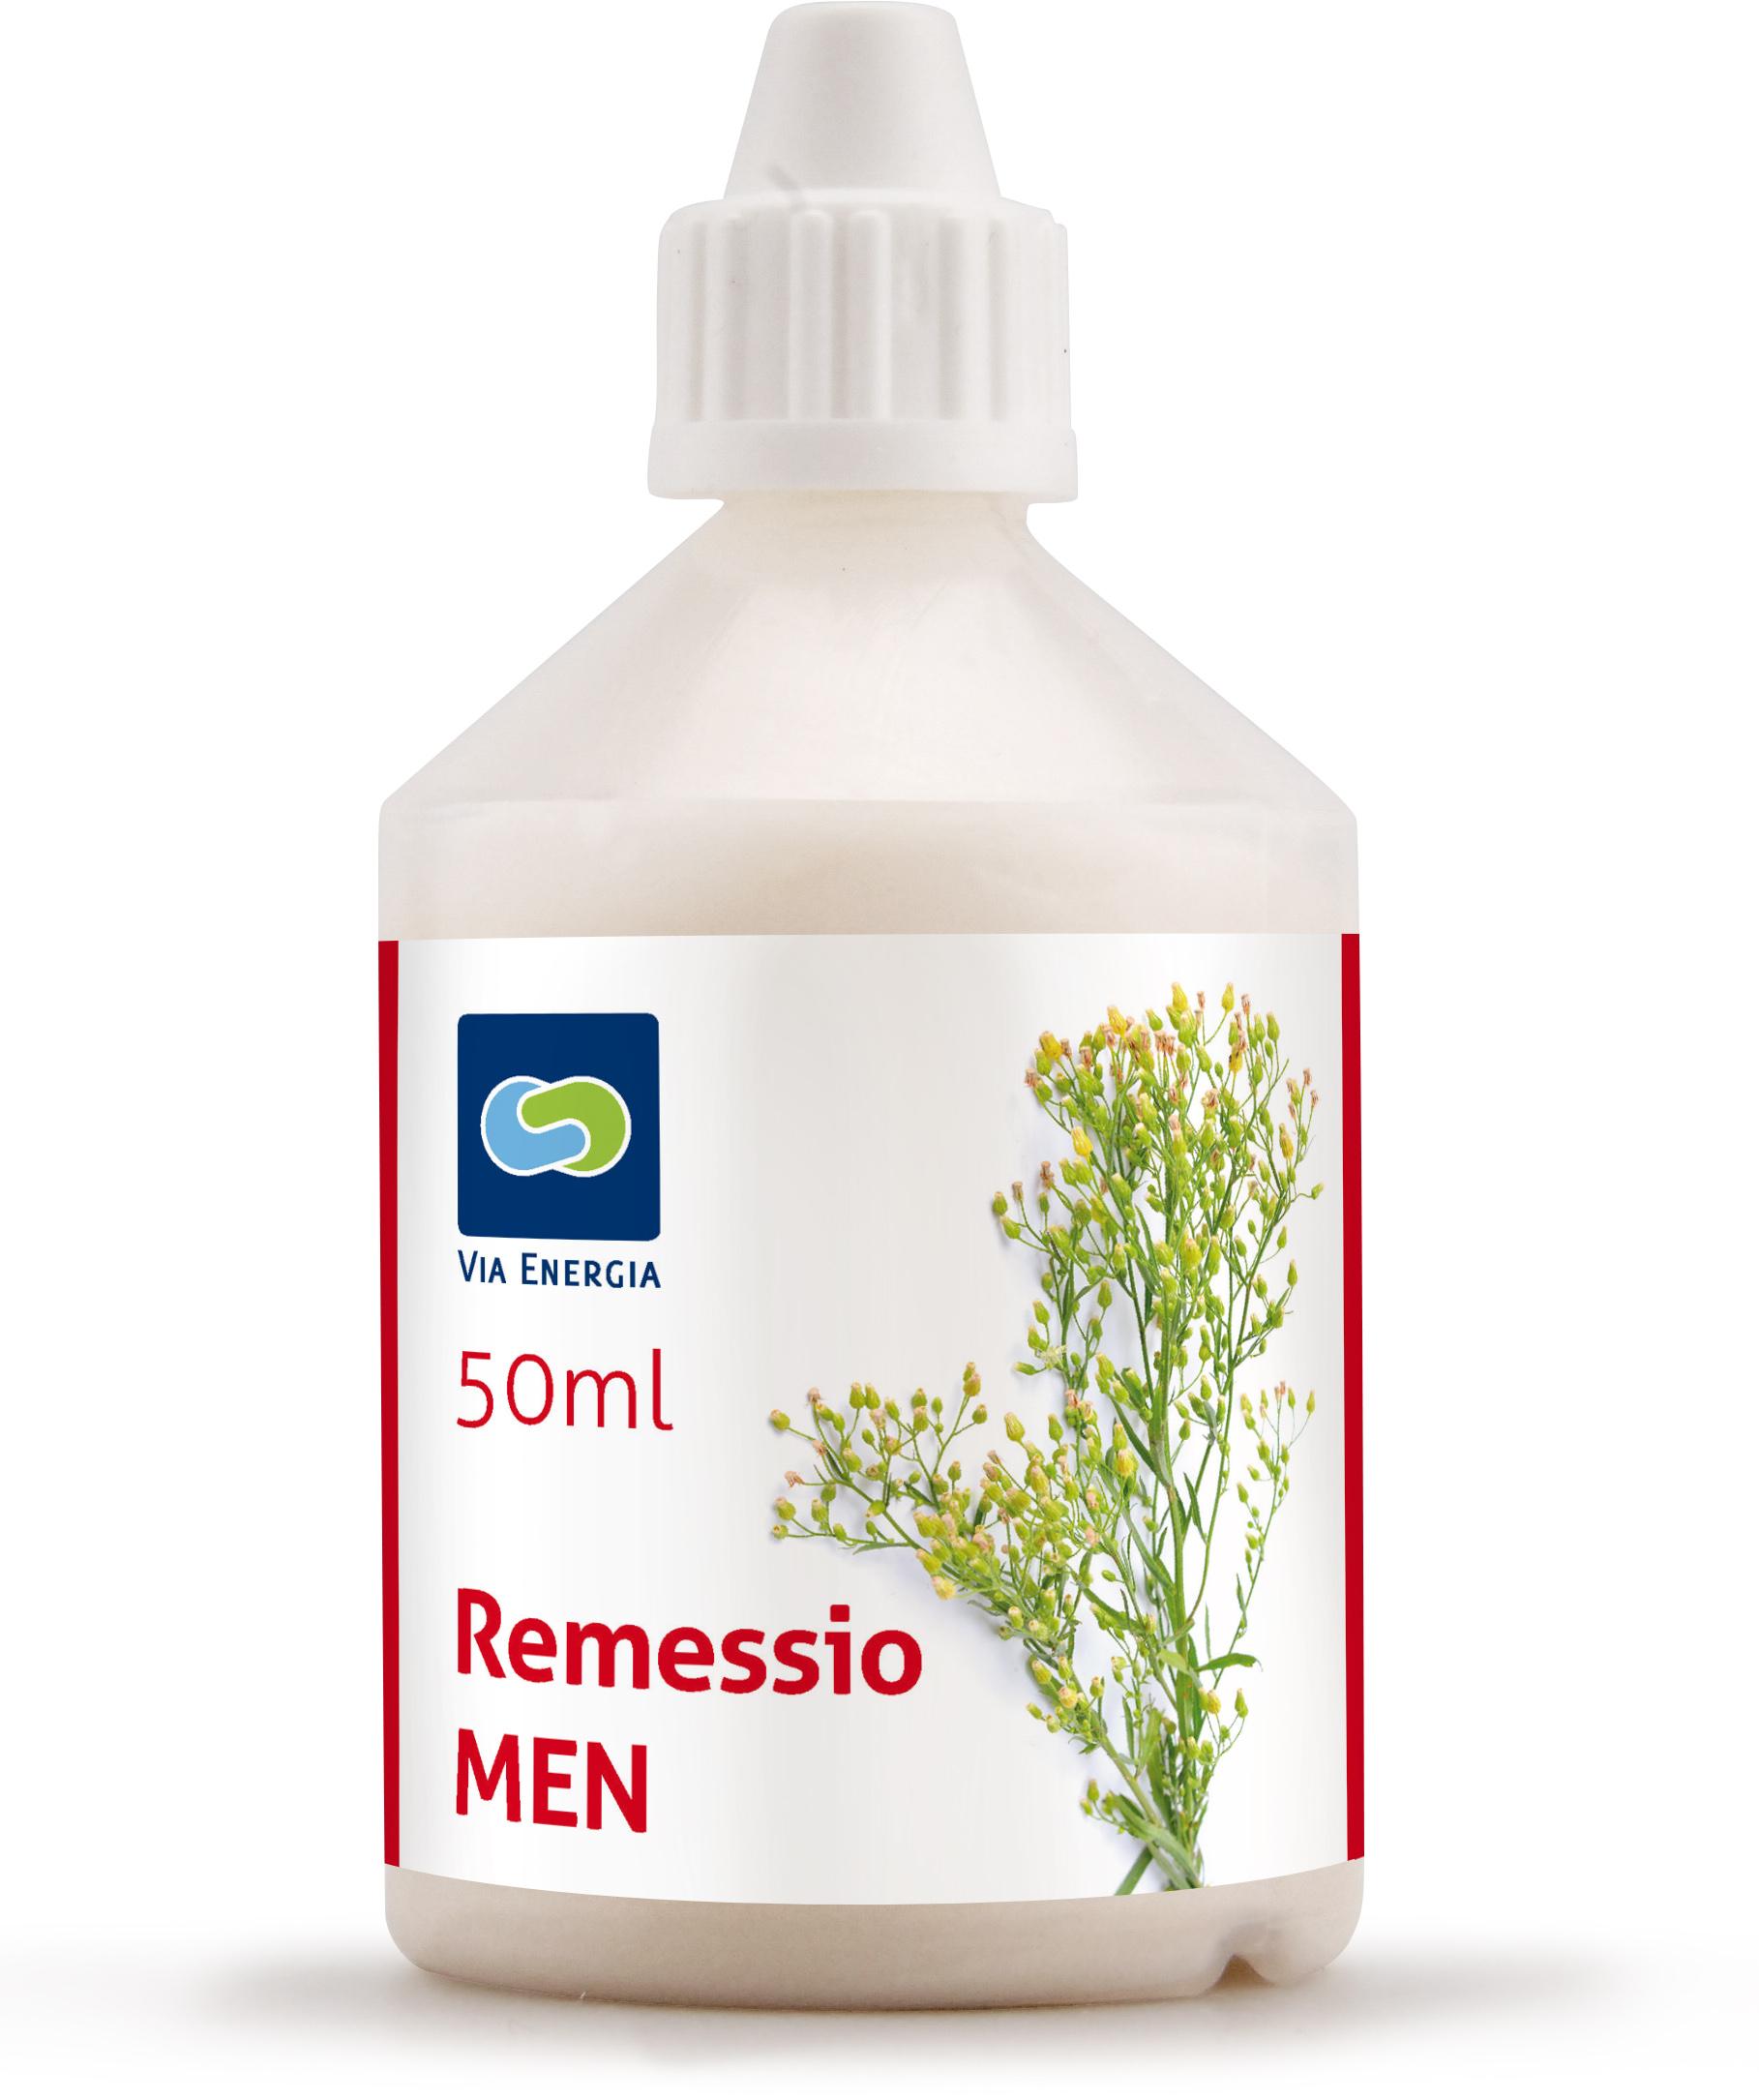 Remessio pro muže - Remessio Men